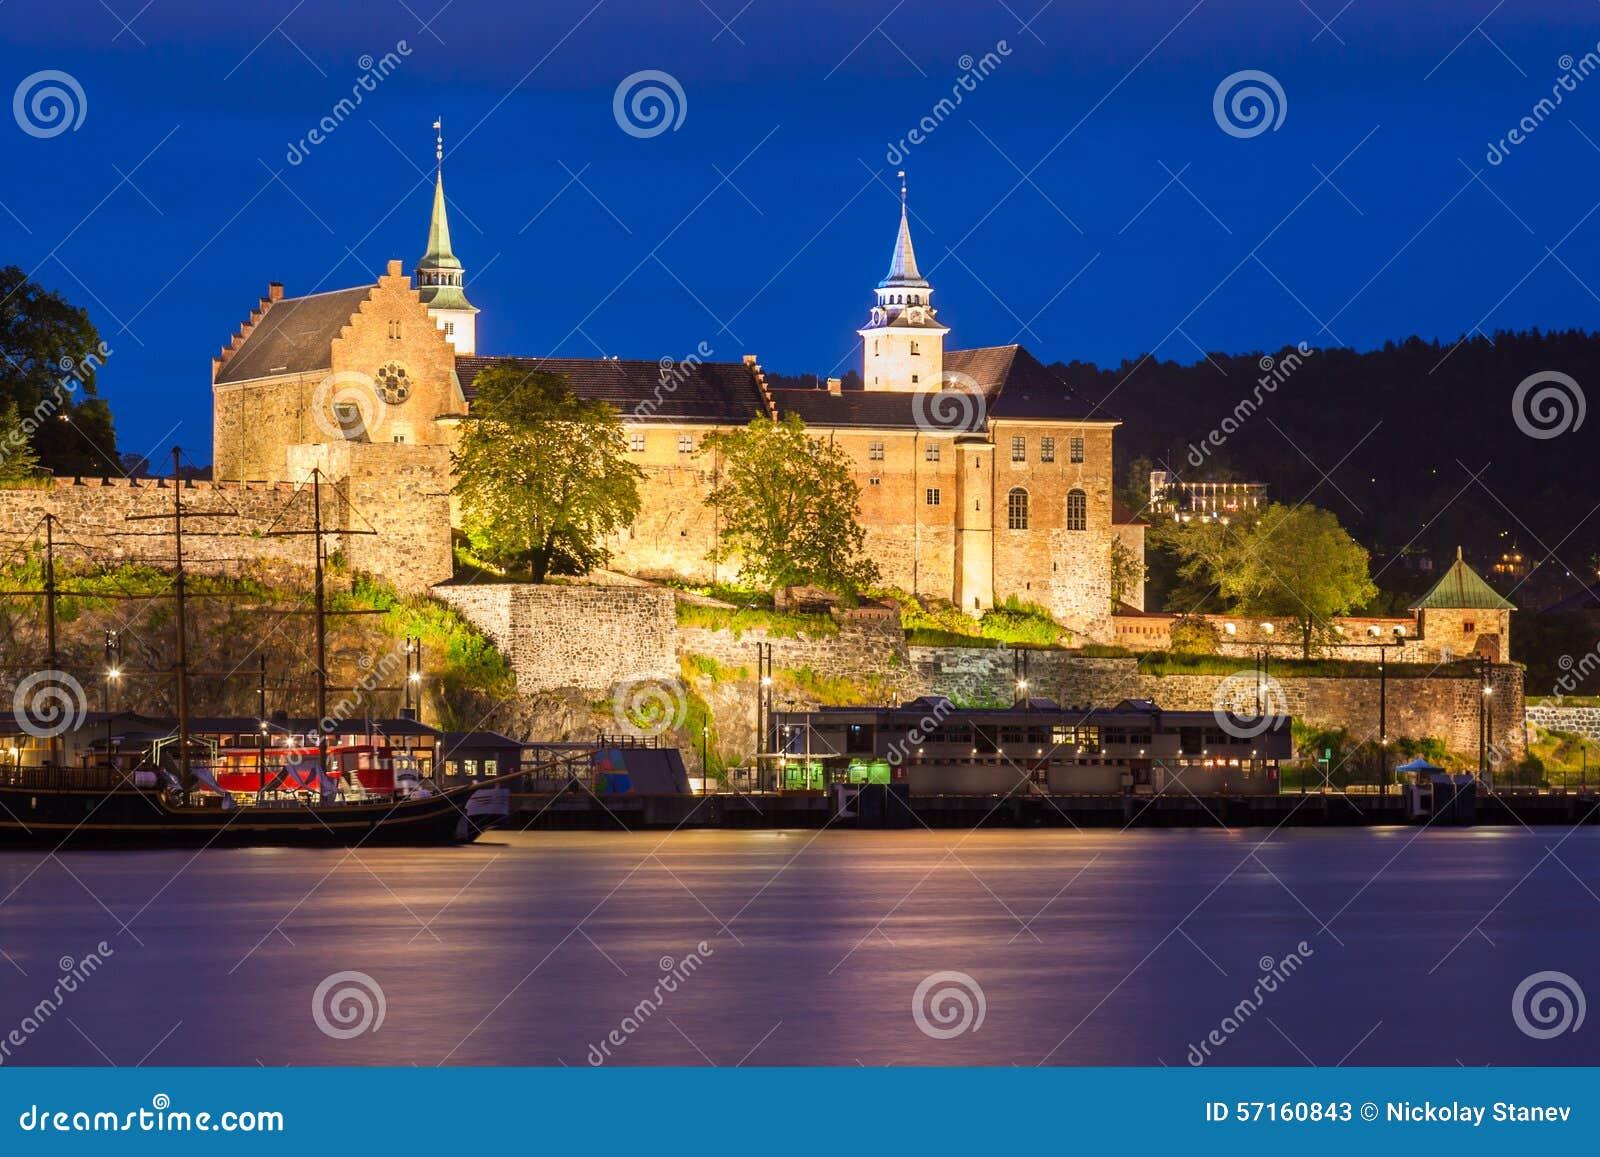 Akershus Fortress At Night Stock Photo - Image: 57160843